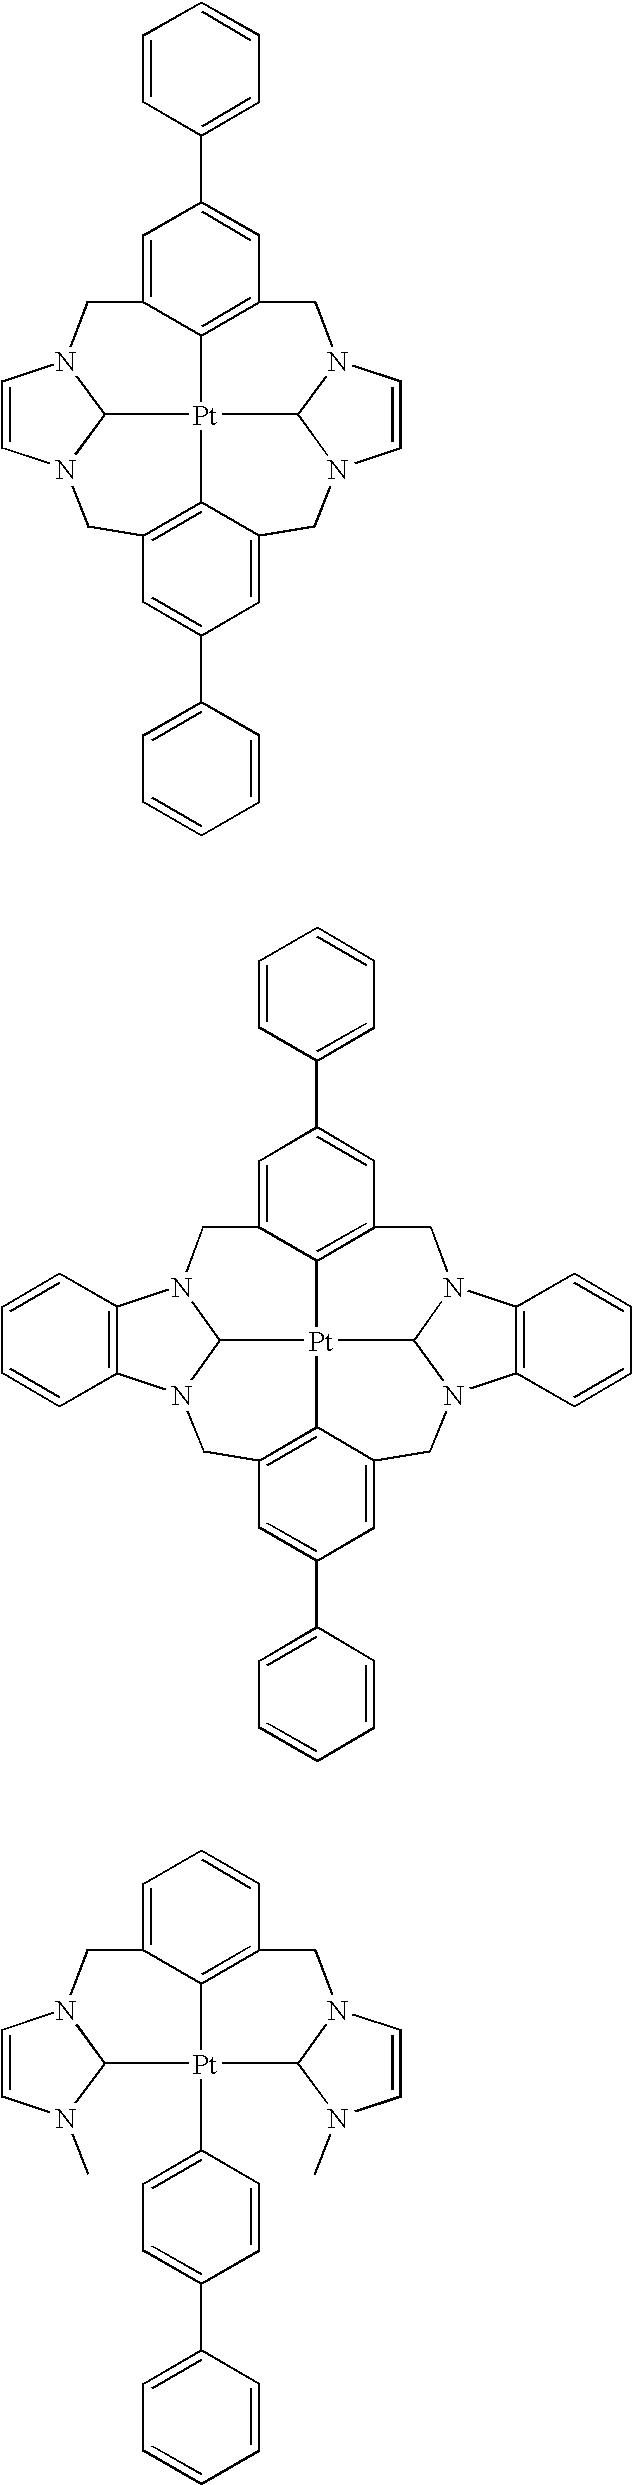 Figure US07655323-20100202-C00037